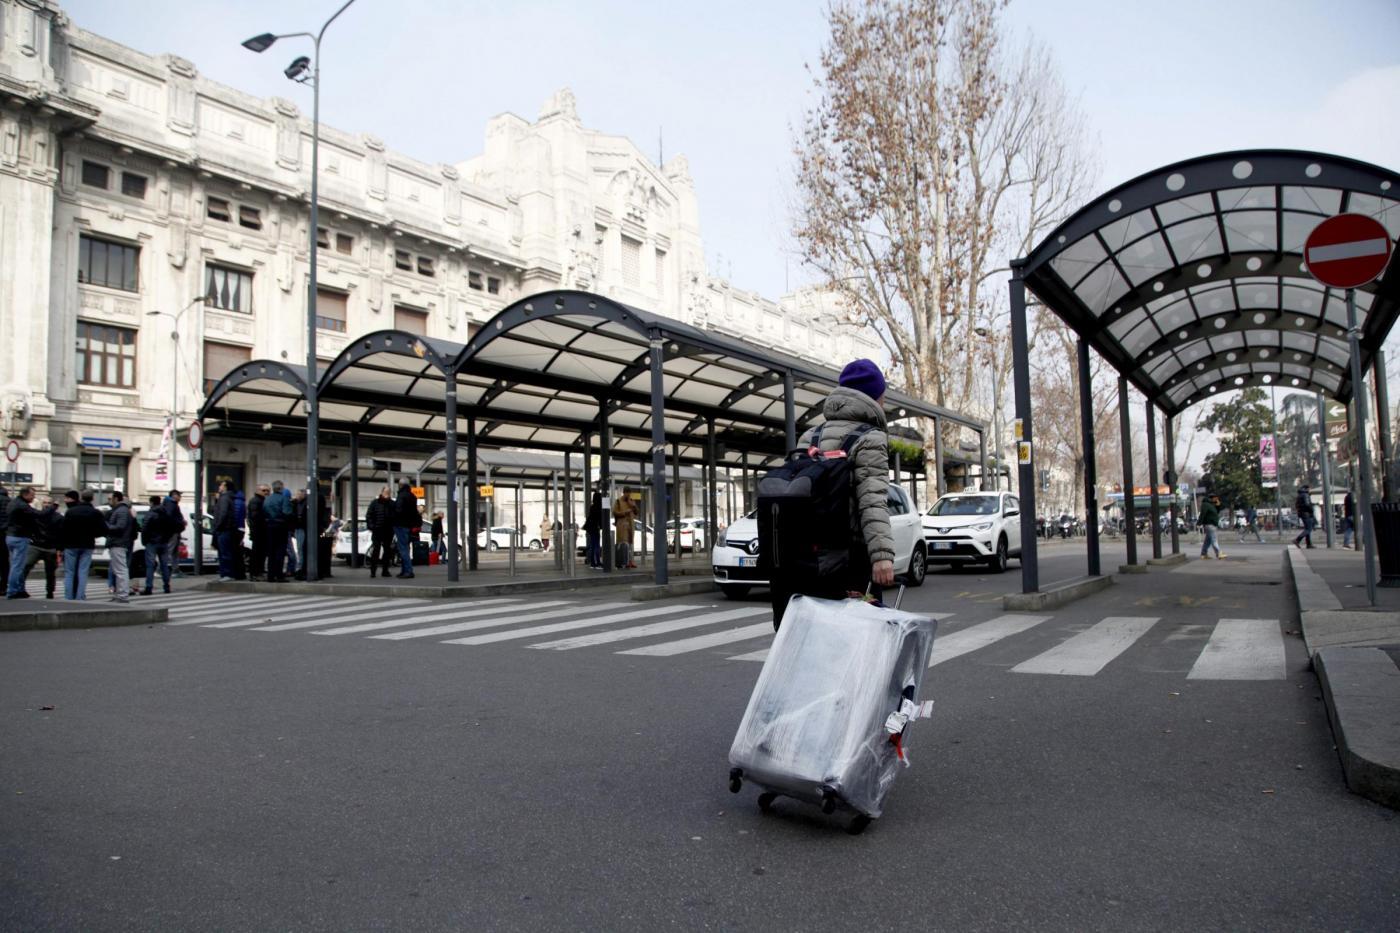 Sciopero treni e mezzi pubblici: 8 marzo 2017 tutto fermo